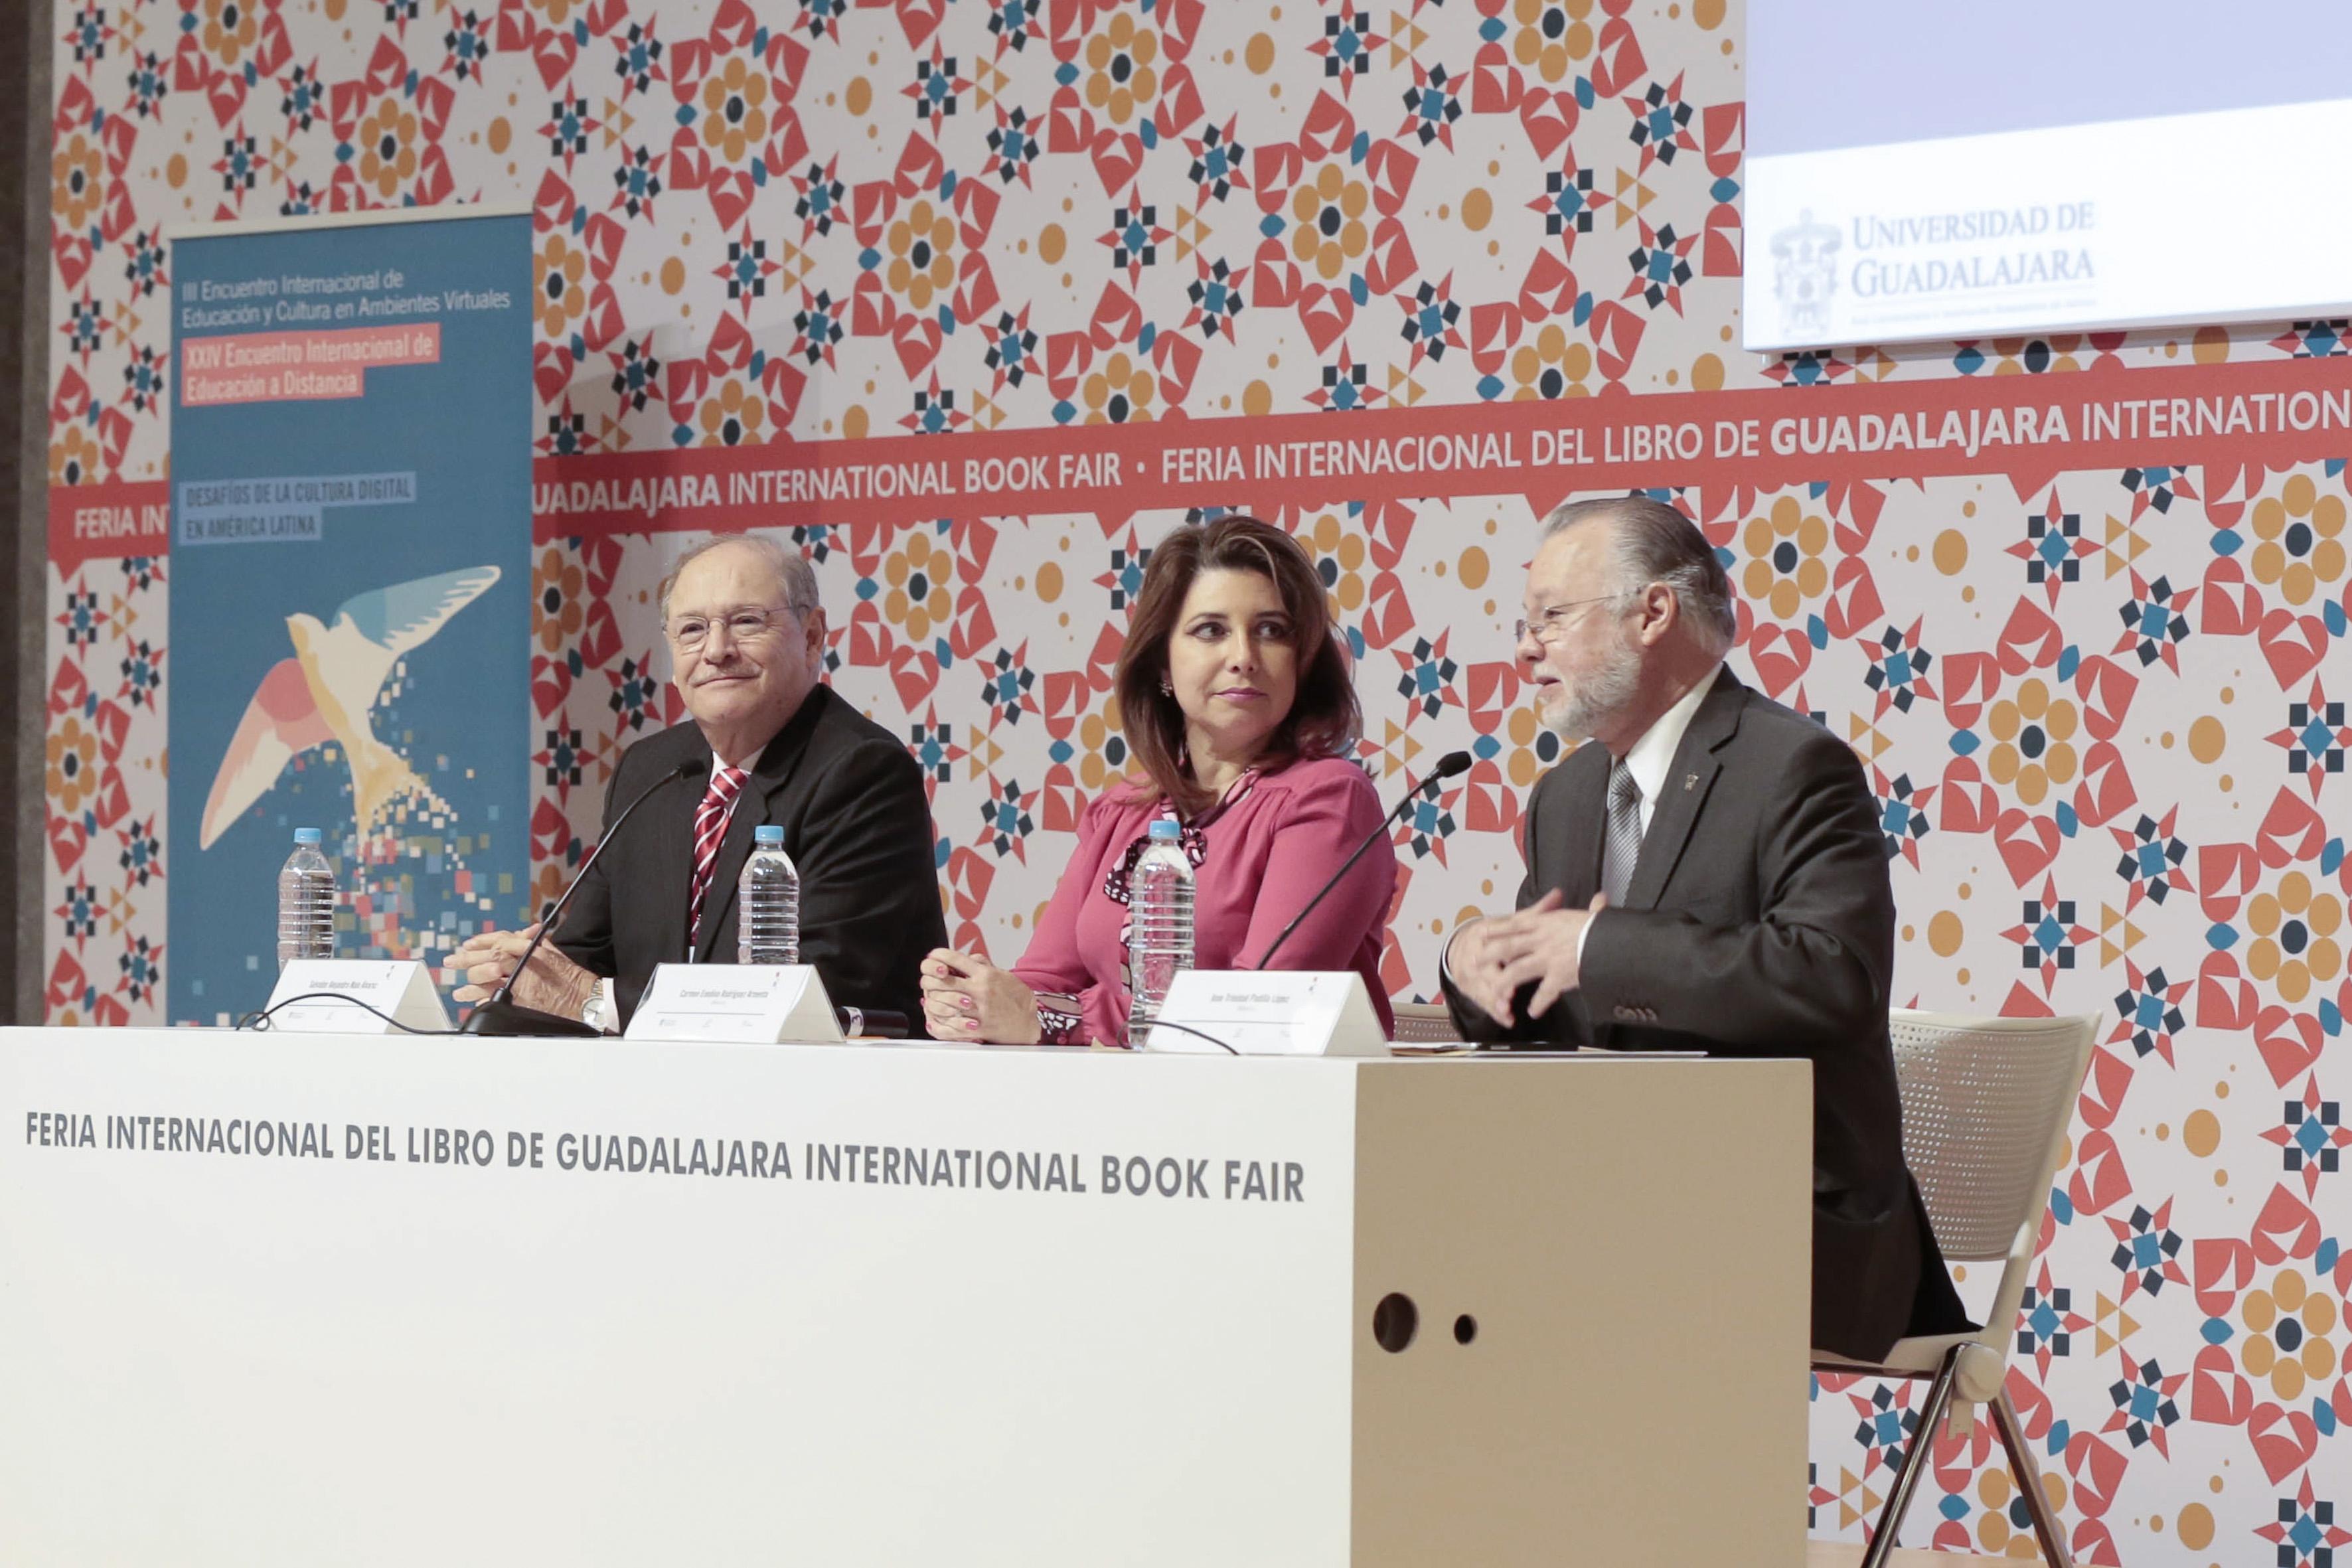 """Miembros participantes en el panel """"Educación y tecnologías de la información"""", durante la FIL 2016."""